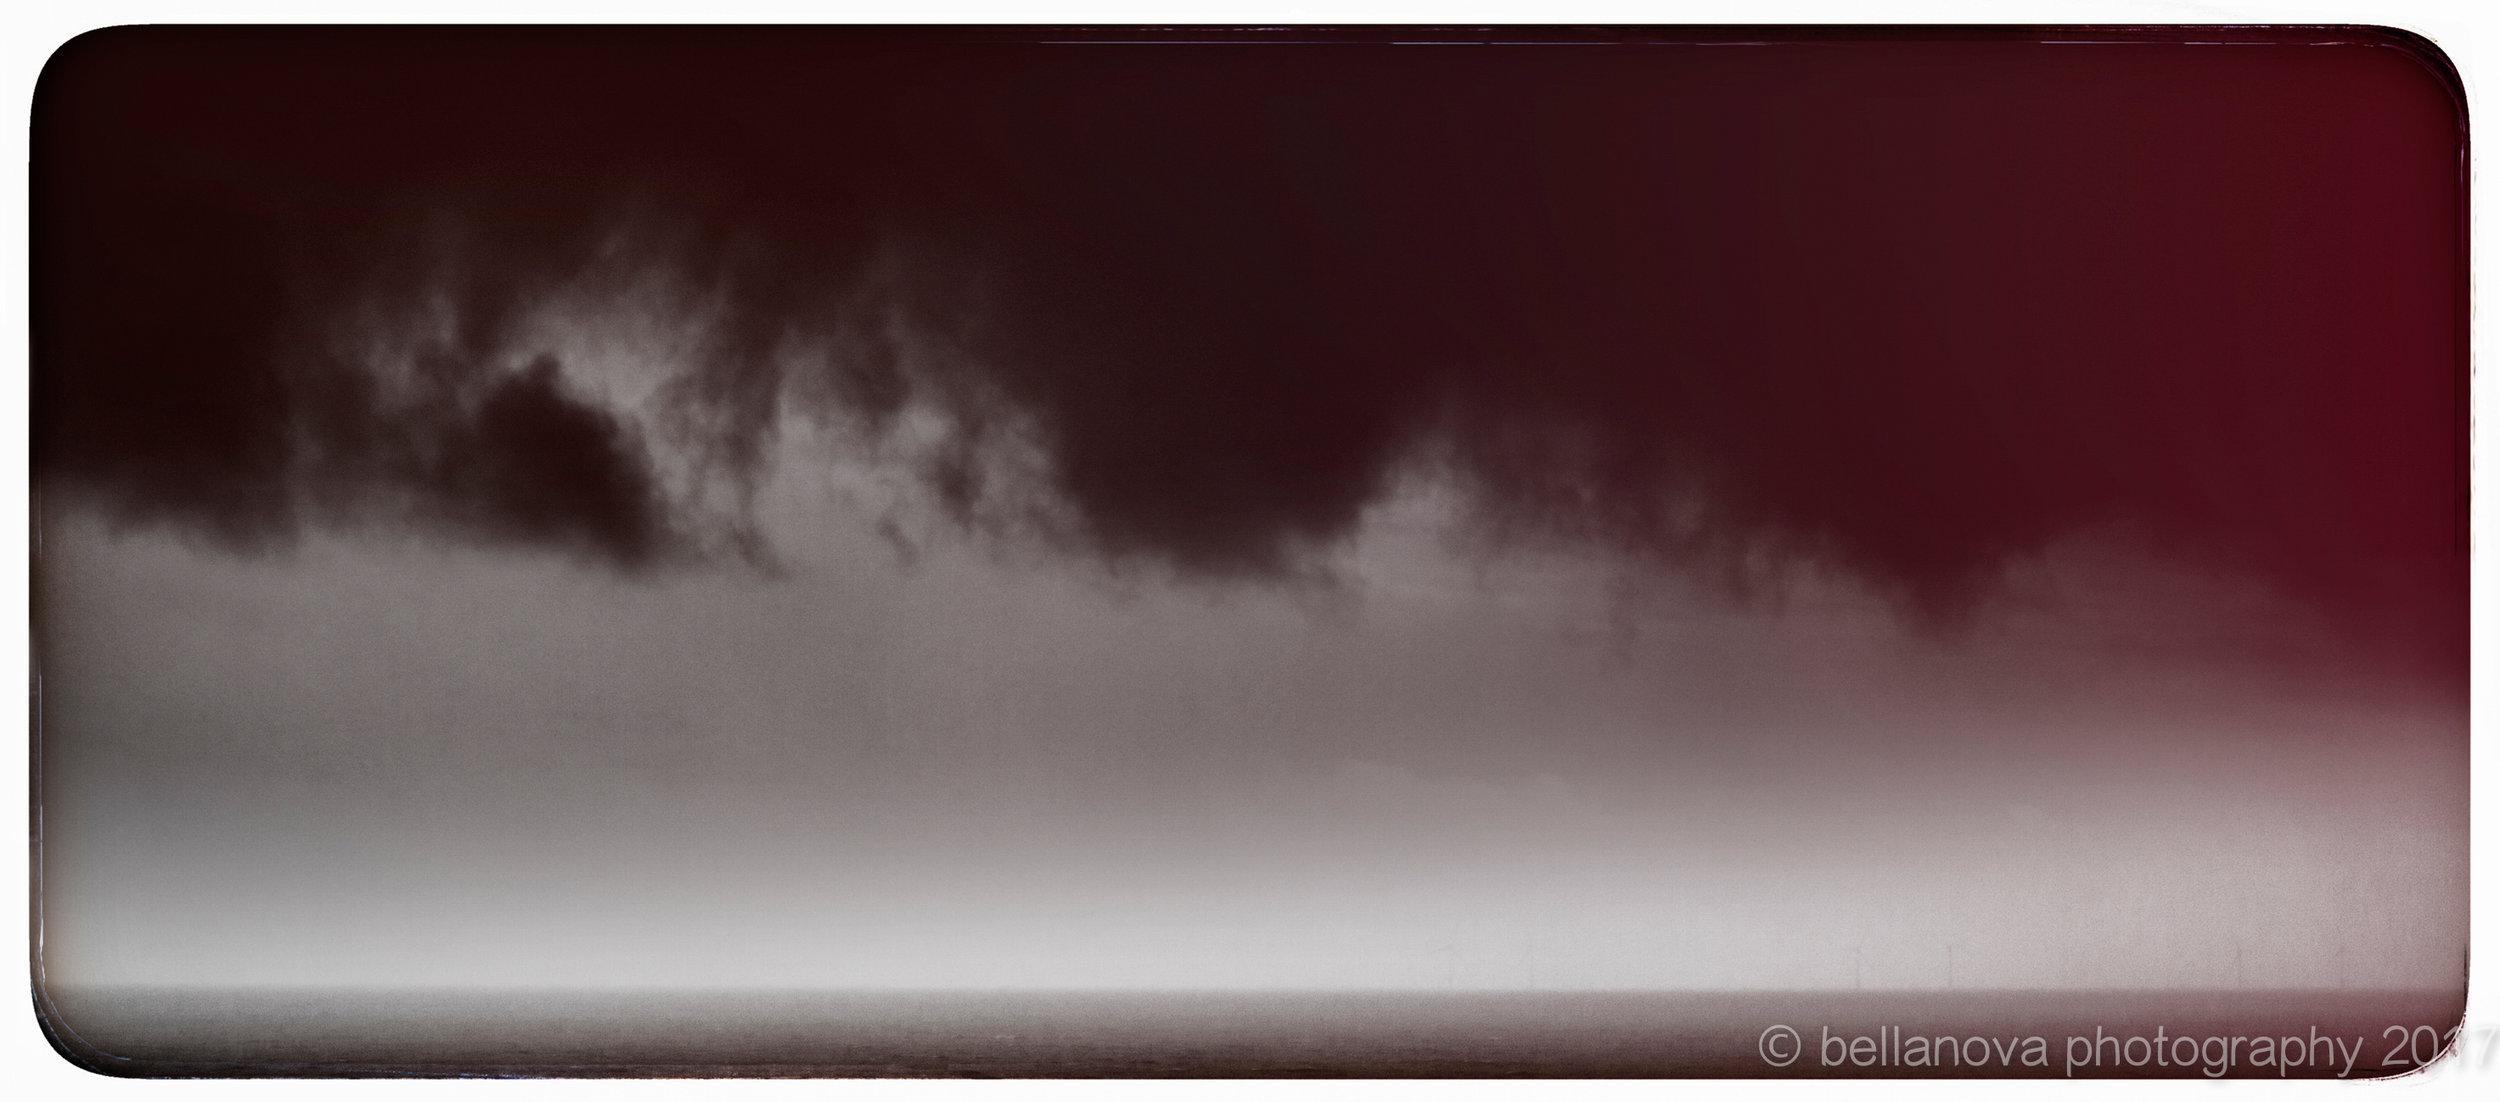 New Horizon. Cassy Paris.jpg